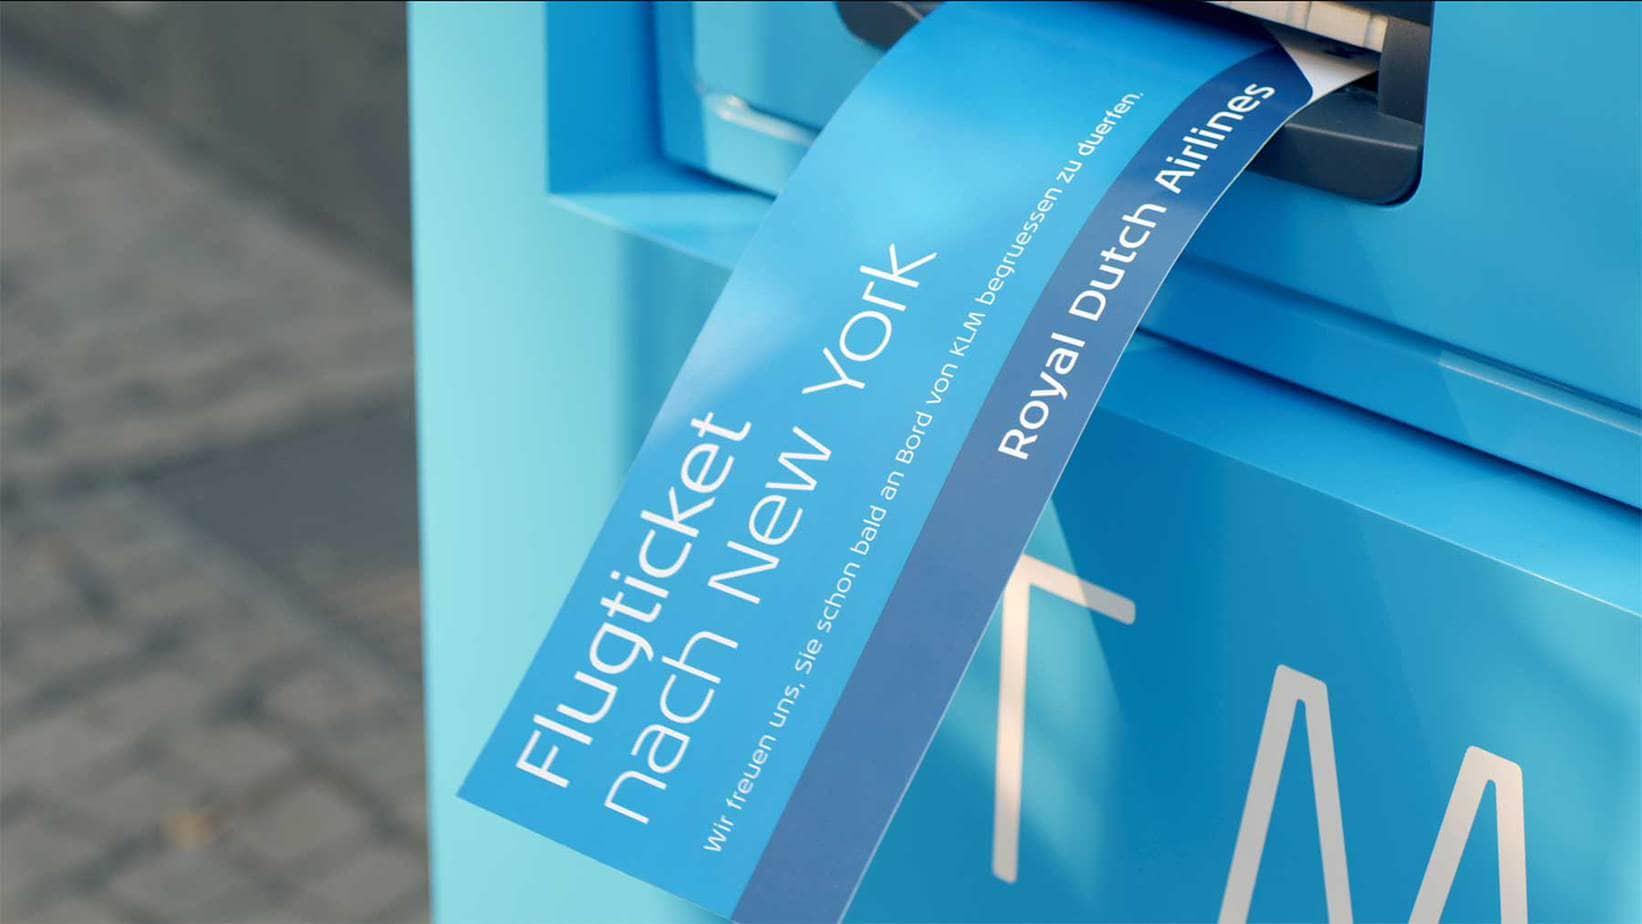 Zwillingsratgeber KLM-radiosender-bank-restaurant-fluglinie Anzeige: Schon mal was von KLM gehört?